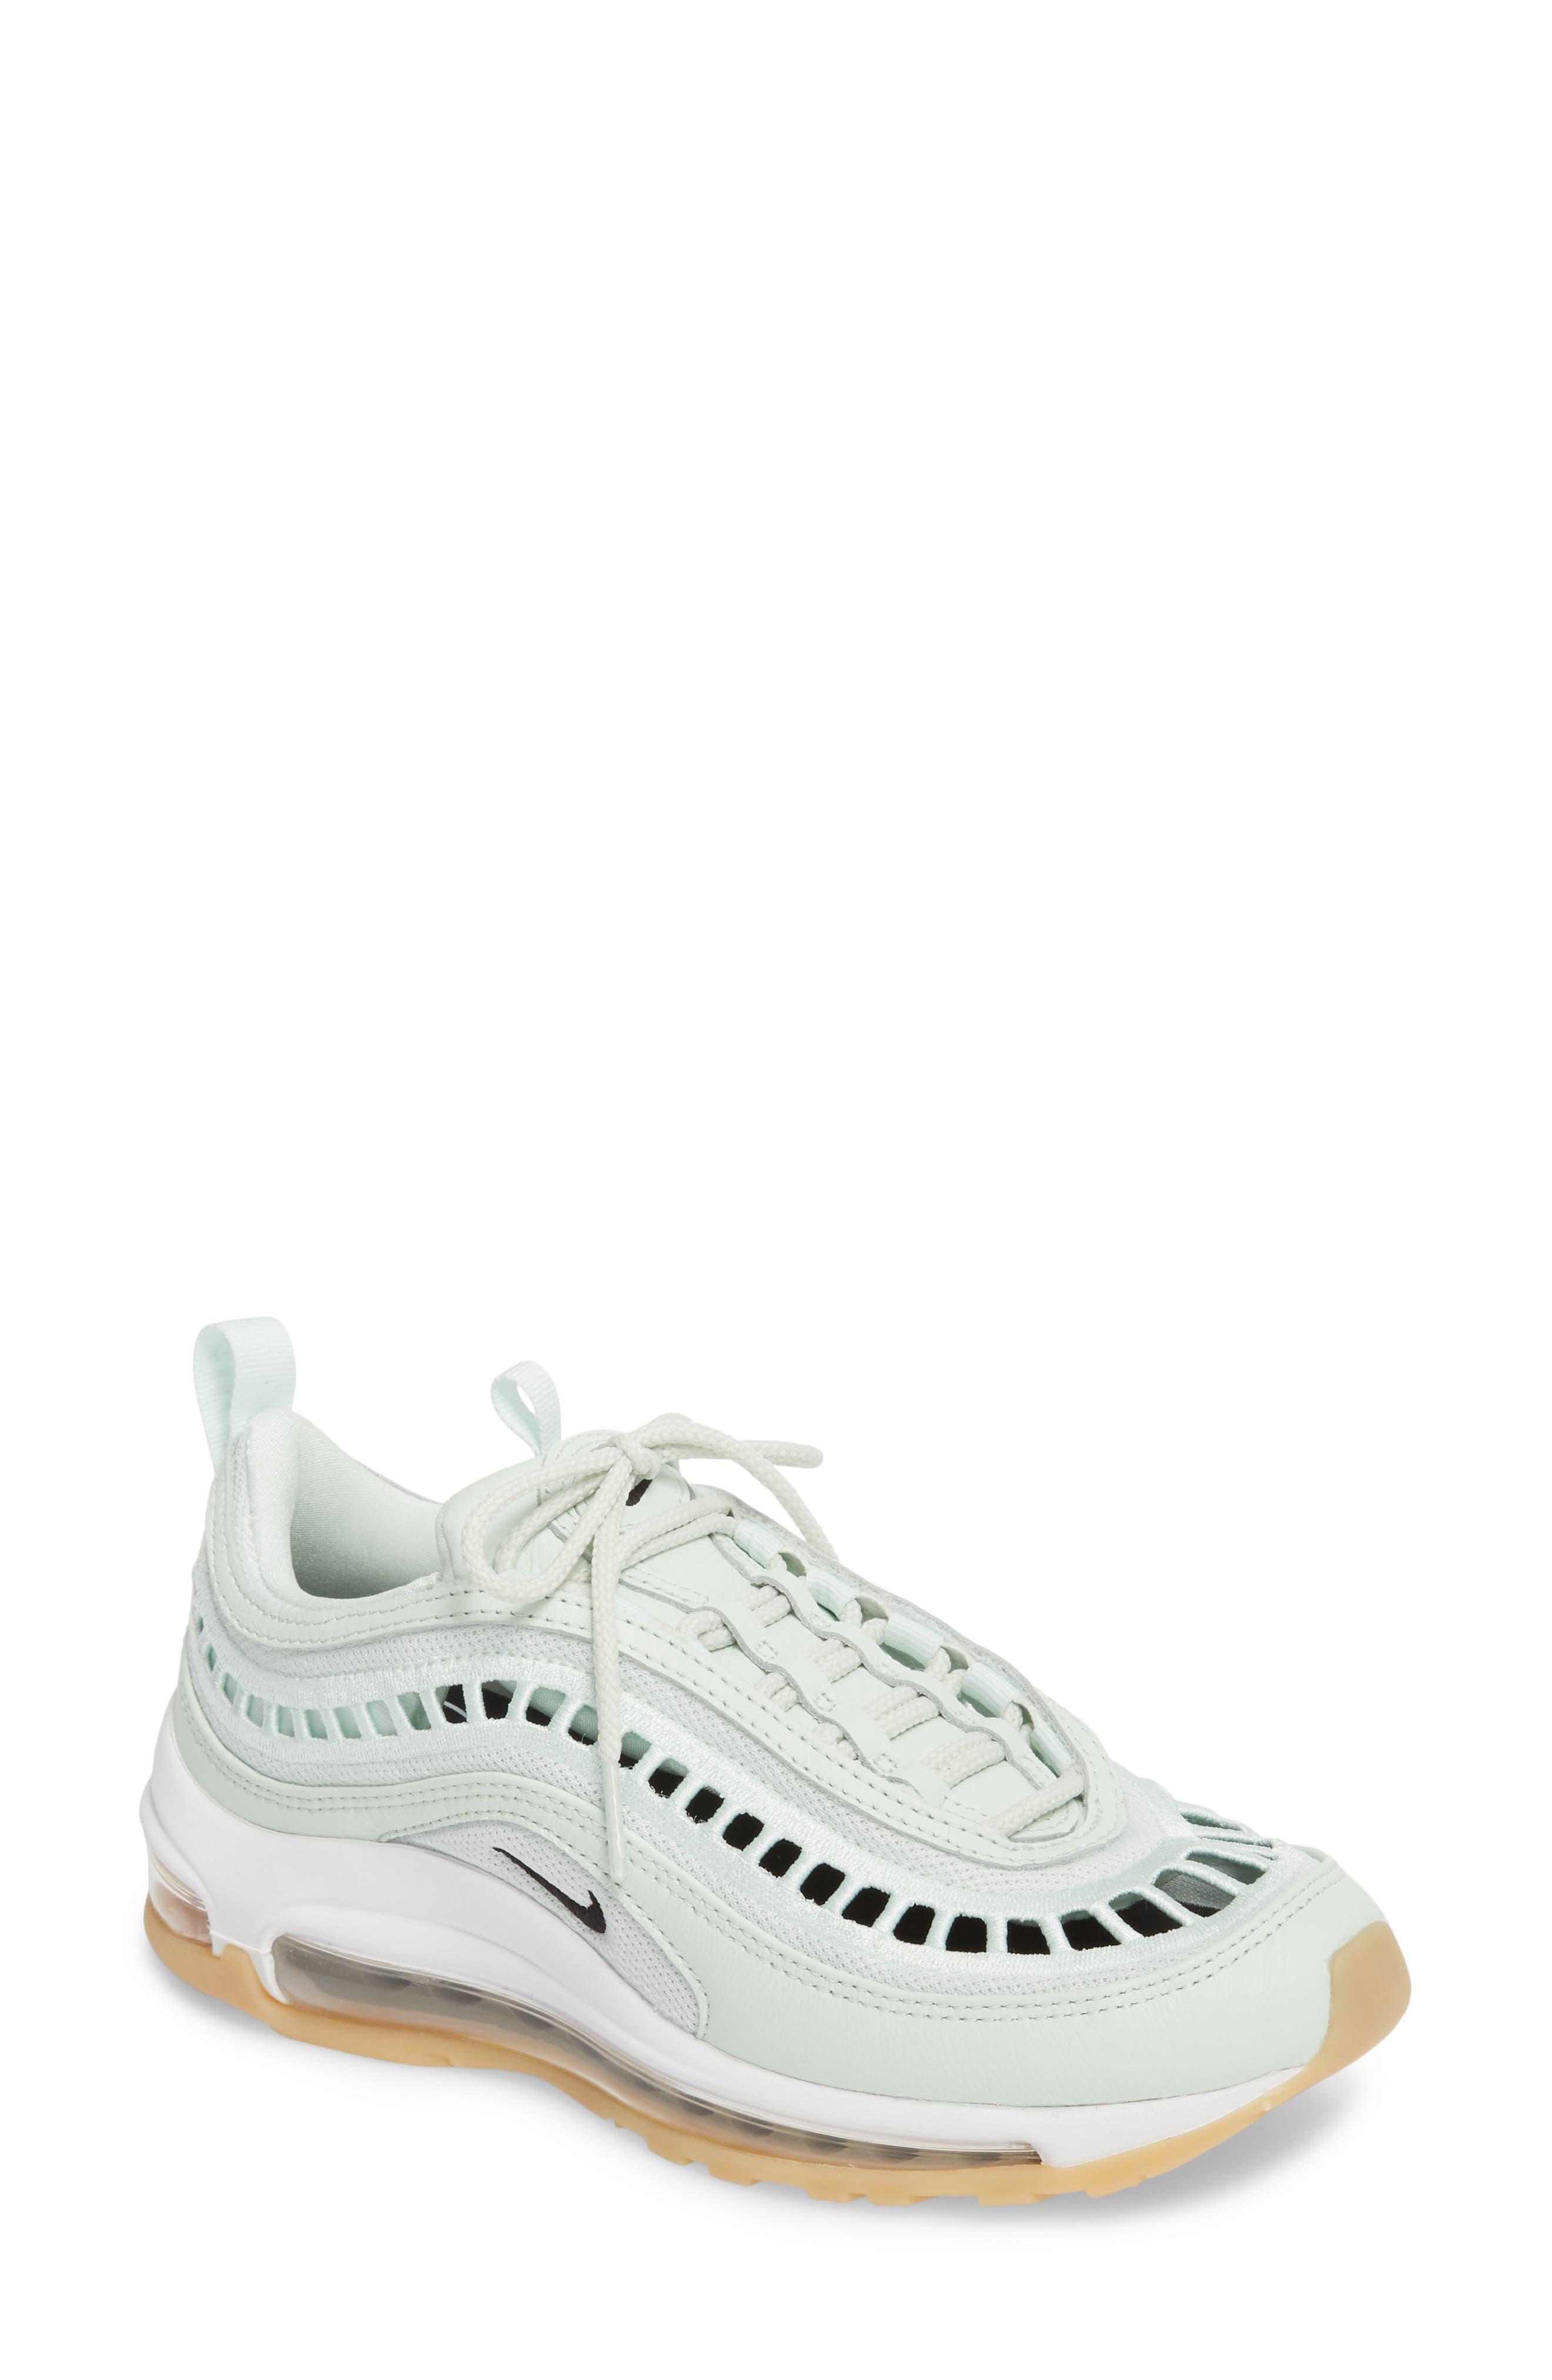 Air Max 97 Ultra '17 SI Sneaker,                         Main,                         color, 020